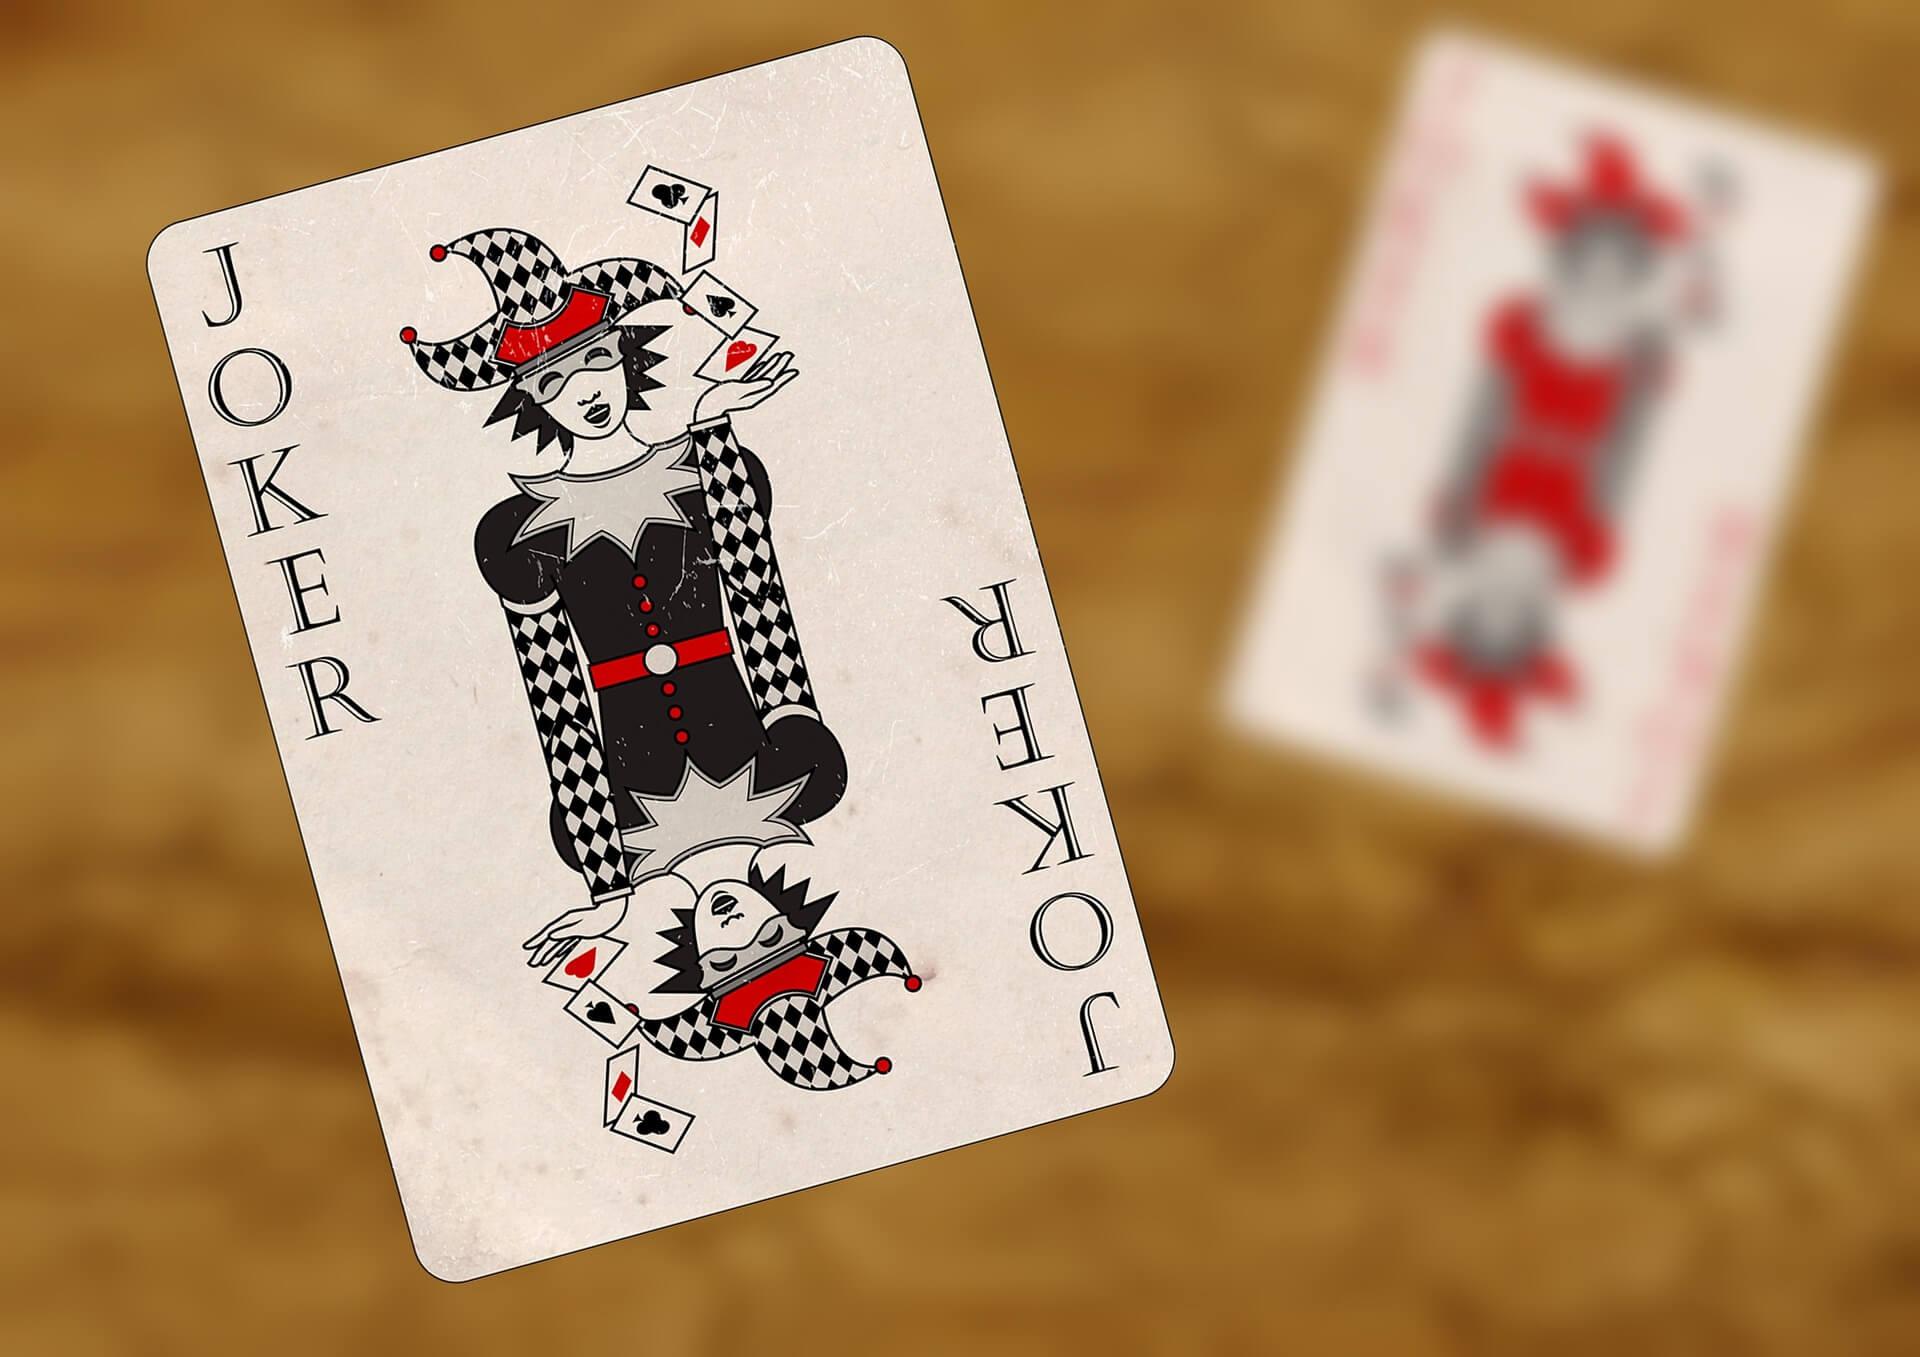 Joker Green Card- Get The Details Regarding Funds Expiry